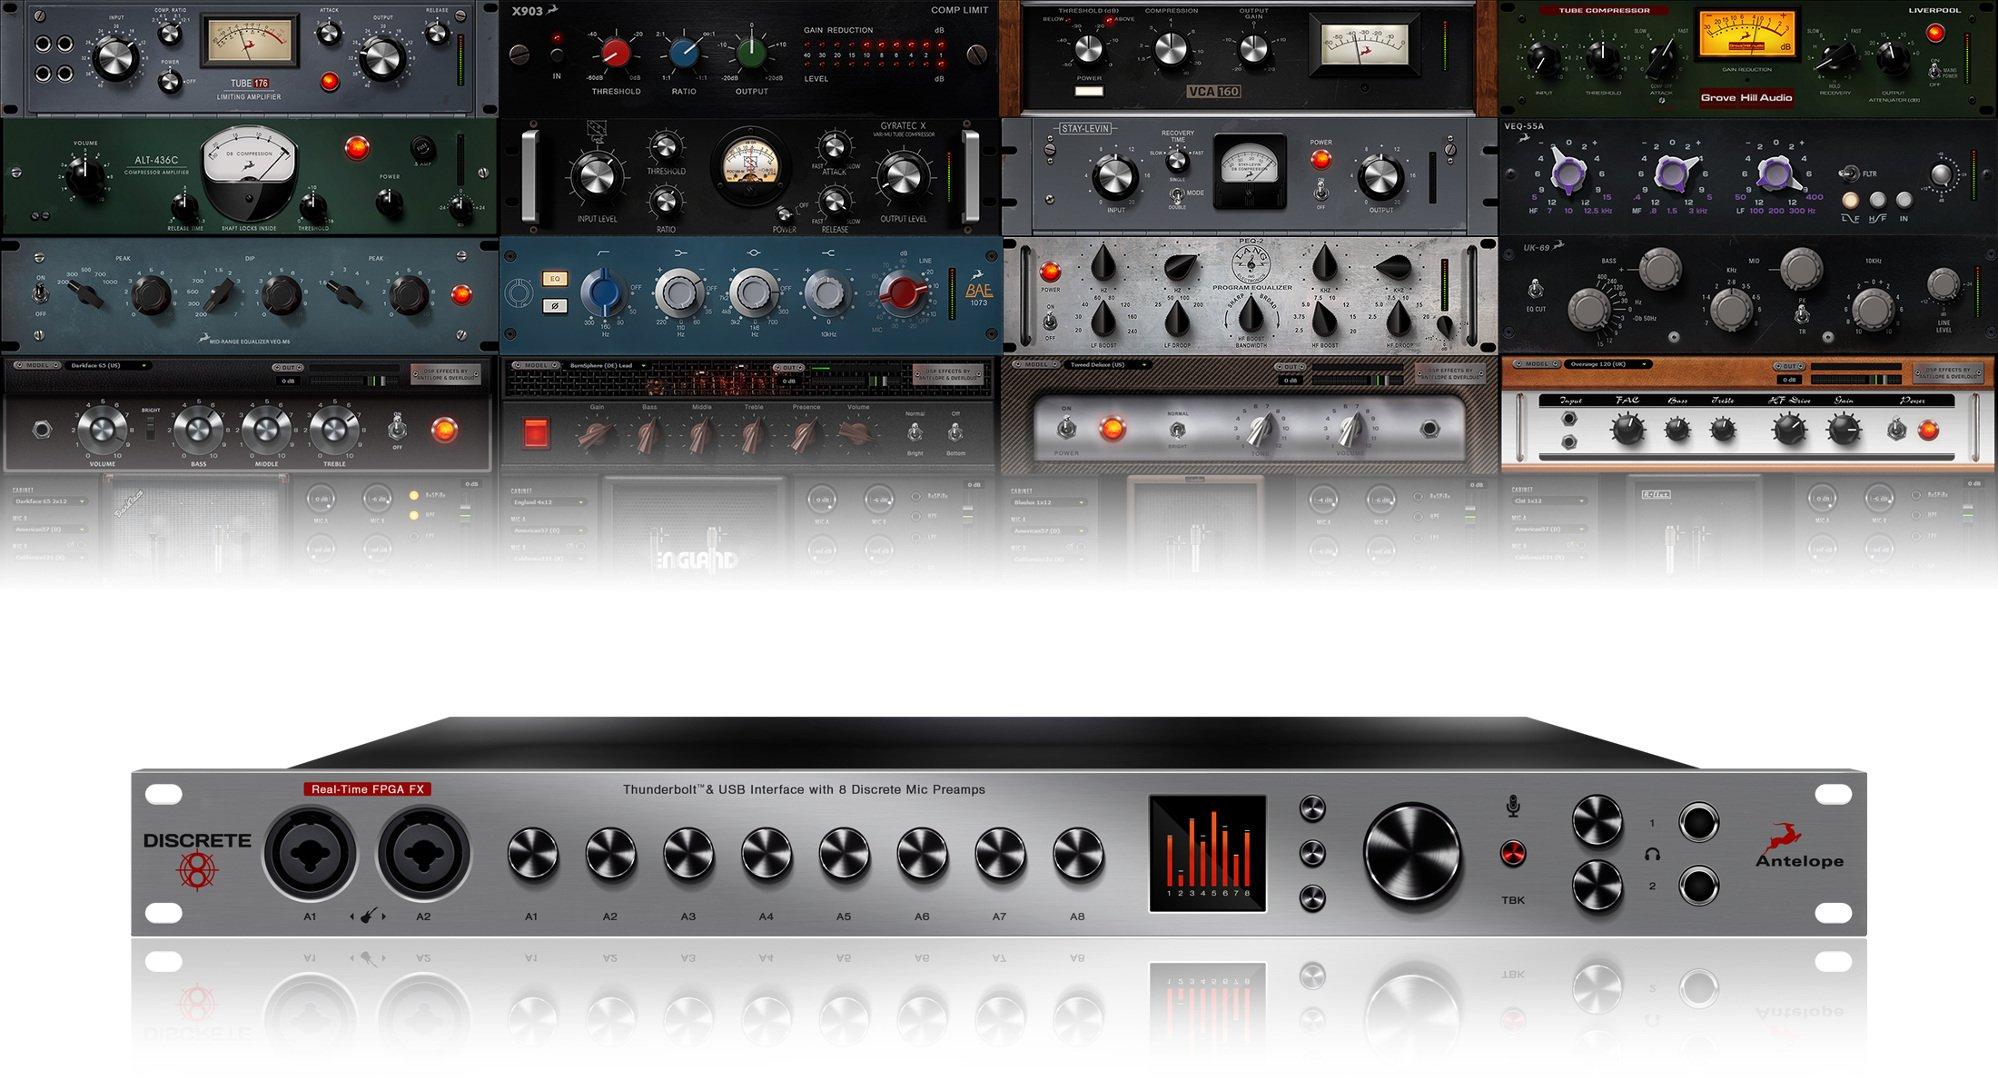 Antelope Audio DISCRETE-8+FX Discrete 8 + FX Console-grade Discrete